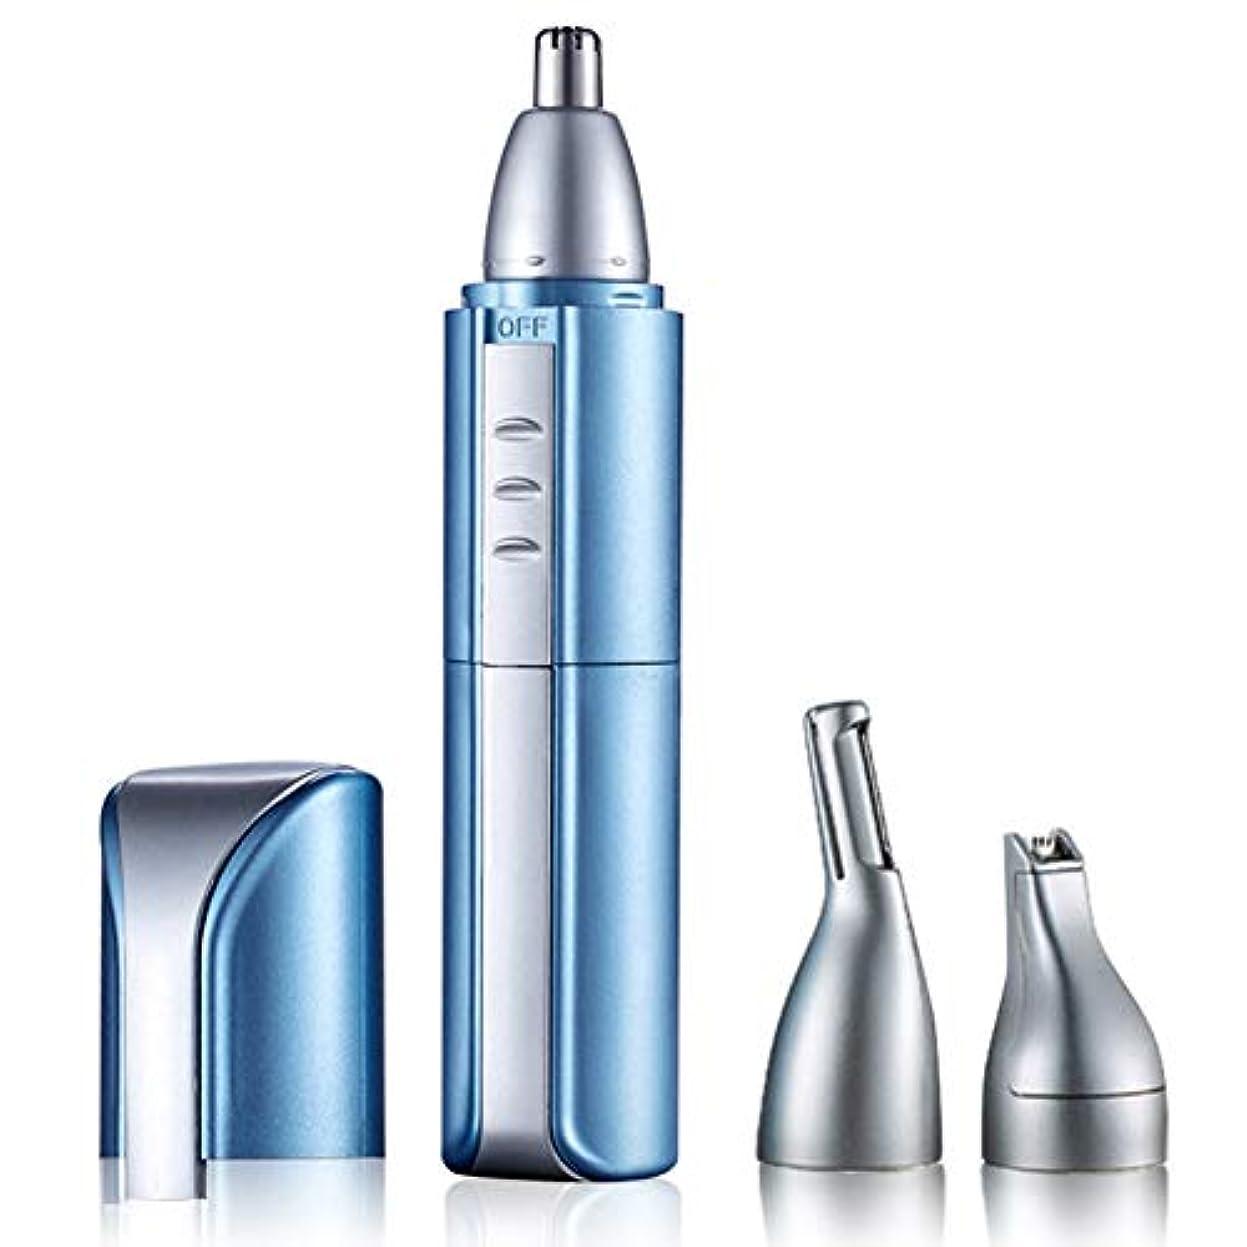 防水湿度税金男性/女性の顔のケア、洗える乾いた乾いた二重使用のための鼻のヘアトリマー3-in-1鼻の耳と眉毛のヘアトリマー(USB充電式)